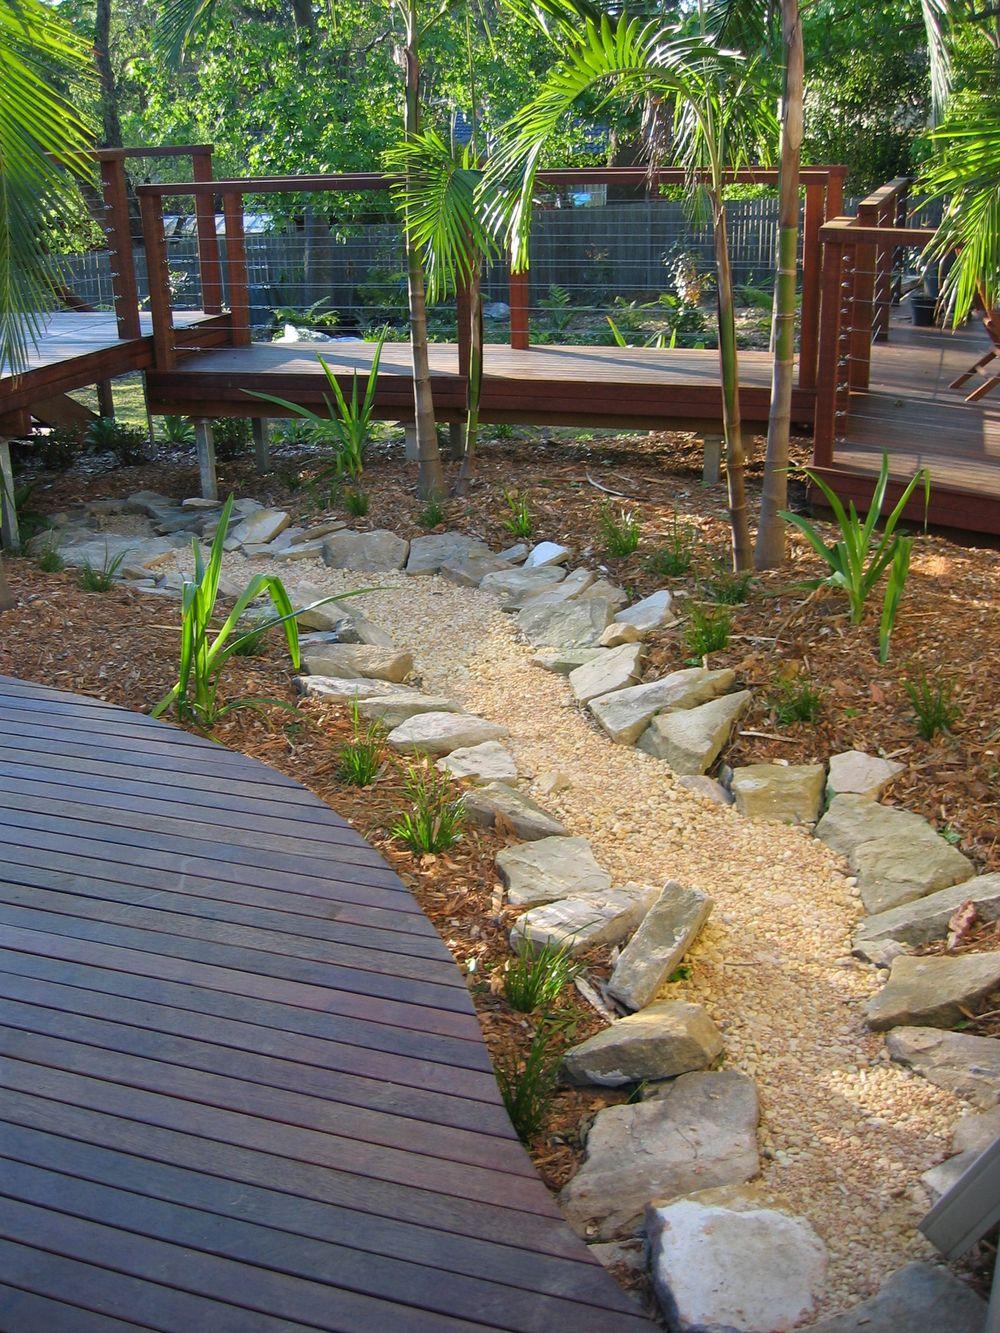 dry creek bed - stones